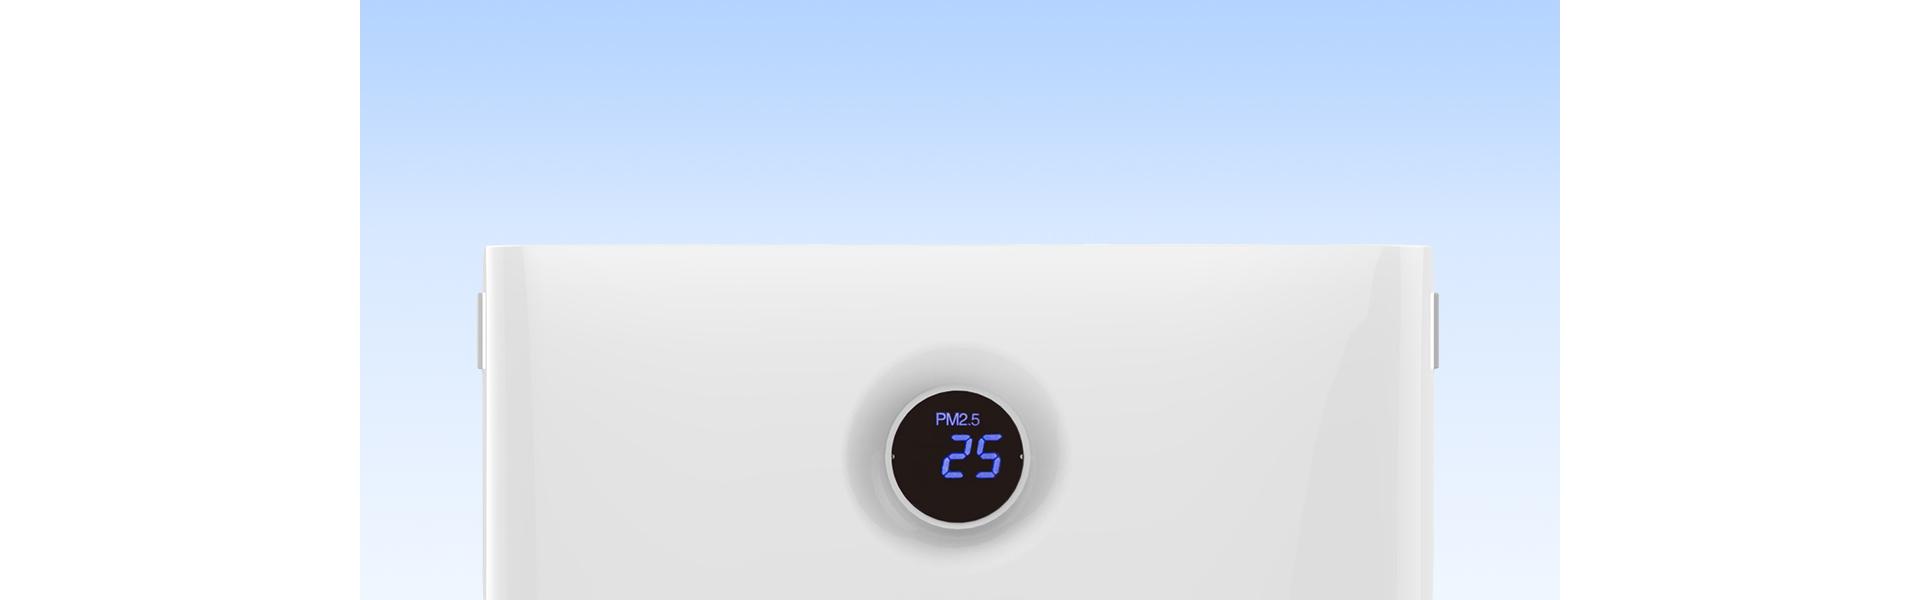 EZVIZ UV-C Air Purifier 9